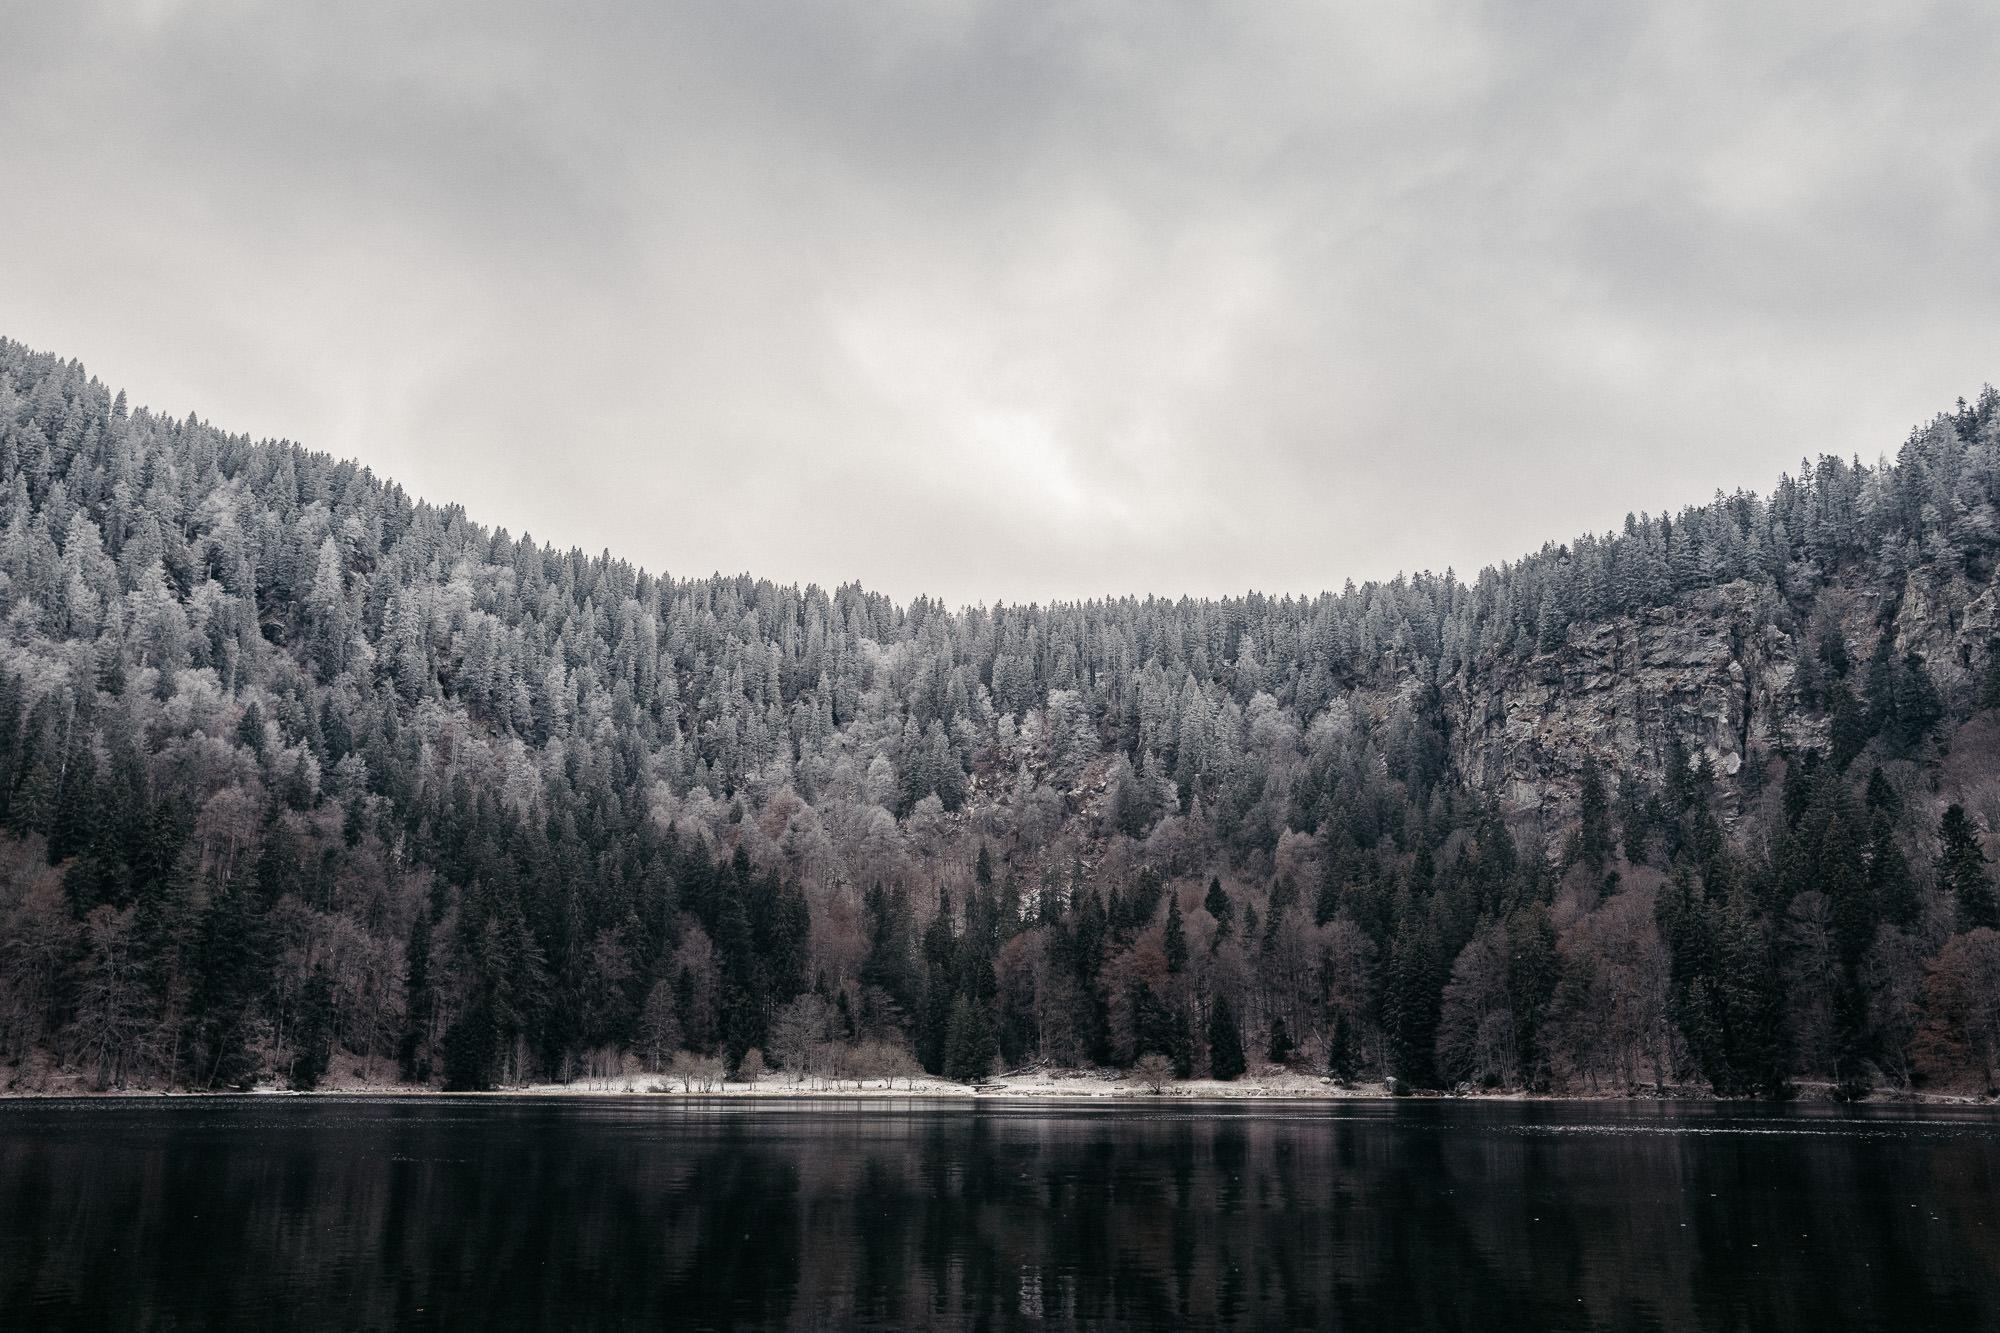 Voyage foret noire - Warren Lecart Photographe